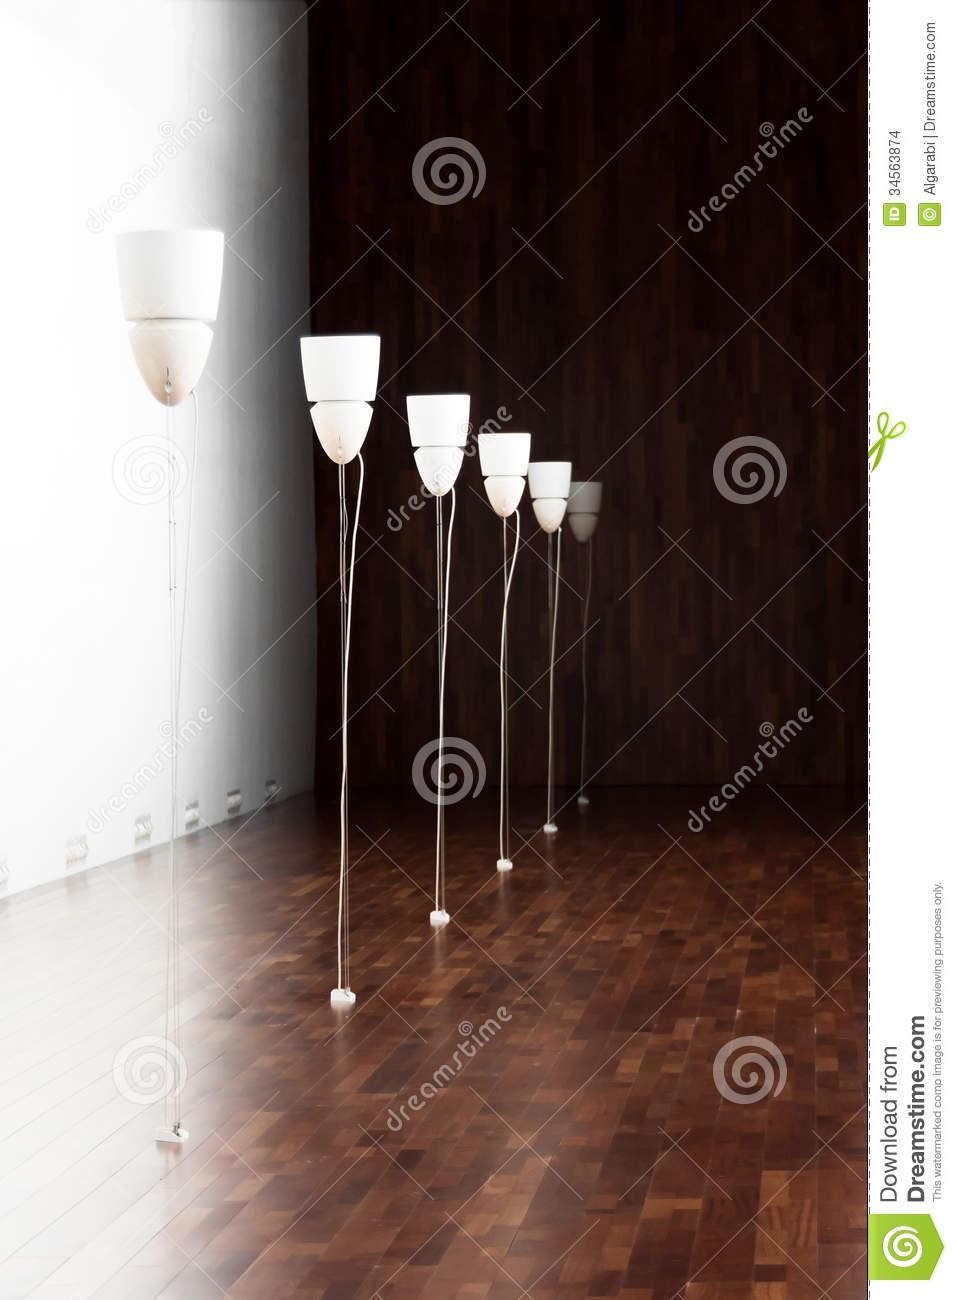 Full Size of Lampen Stockfoto Bild Von Eleganz Wohnzimmer Bett 180x200 Stehlampen Landhausküche Bad Led Küche Für Esstisch Schlafzimmer Duschen Esstische Fürs Sofa Wohnzimmer Moderne Lampen